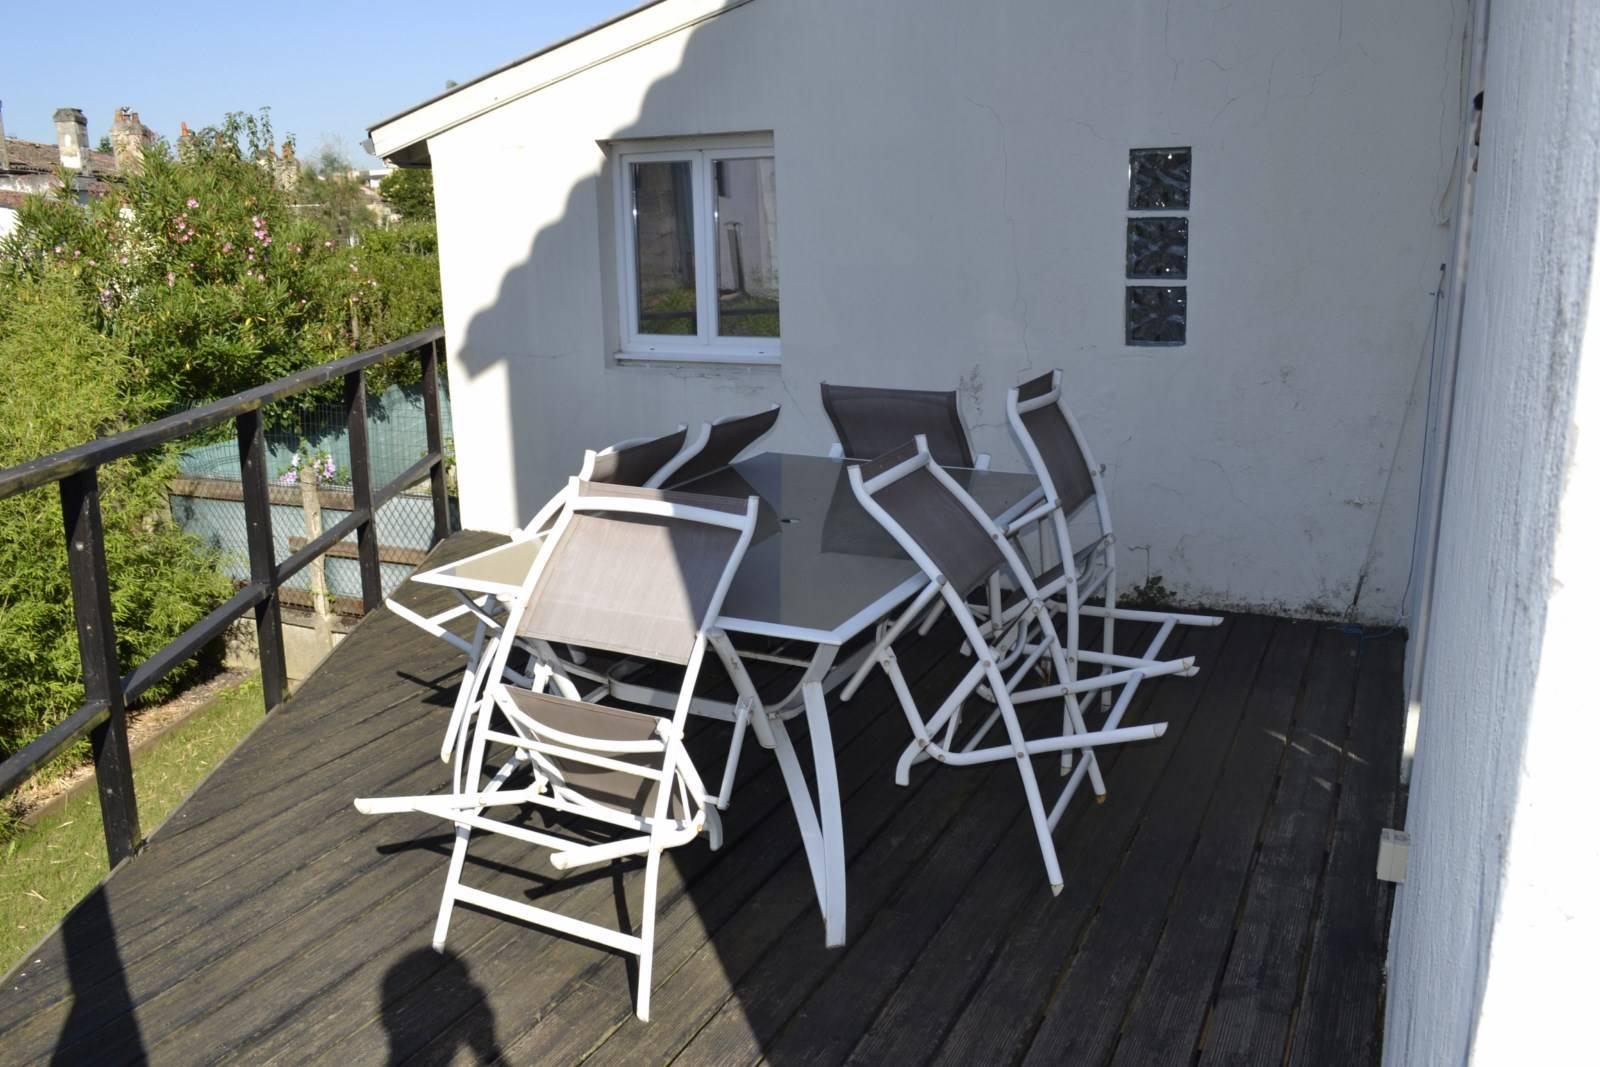 A vendre maison en pierre sur 3 niveaux avec jardin garage et terrasse expos e sud bordeaux - Maison jardin public bordeaux vendre tours ...